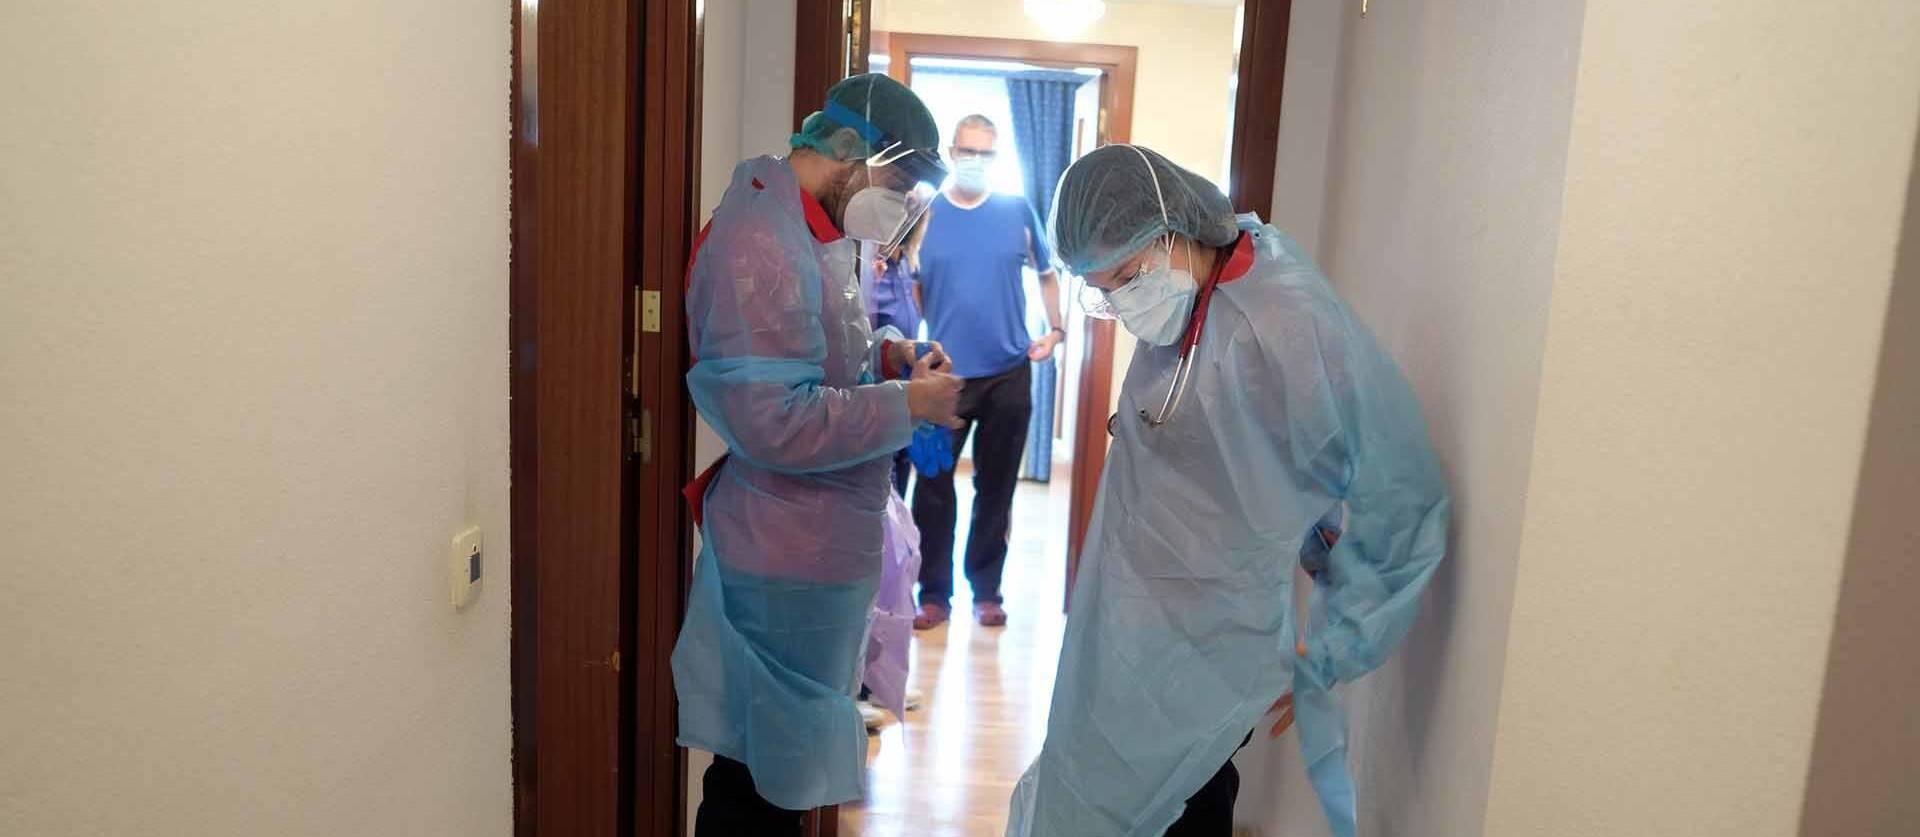 Foto de María Hidalgo, internista, y David García, enfermero, se preparan en el rellano de la casa de un paciente con covid antes de entrar.